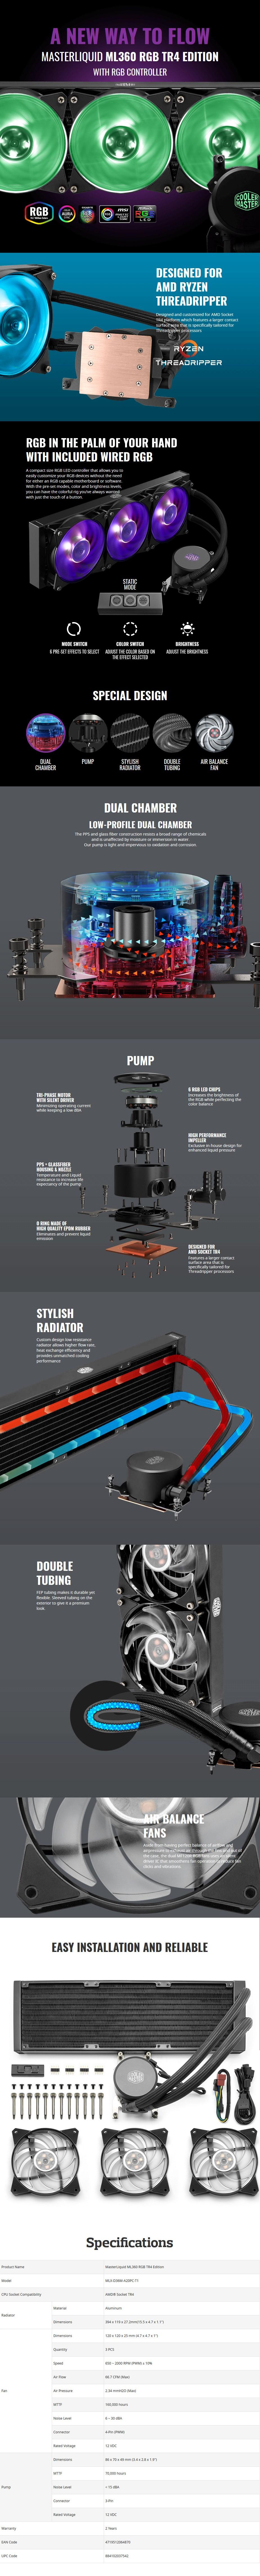 Cooler Master MasterLiquid ML360 RGB Liquid CPU Cooler - TR4 Edition - Desktop Overview 1